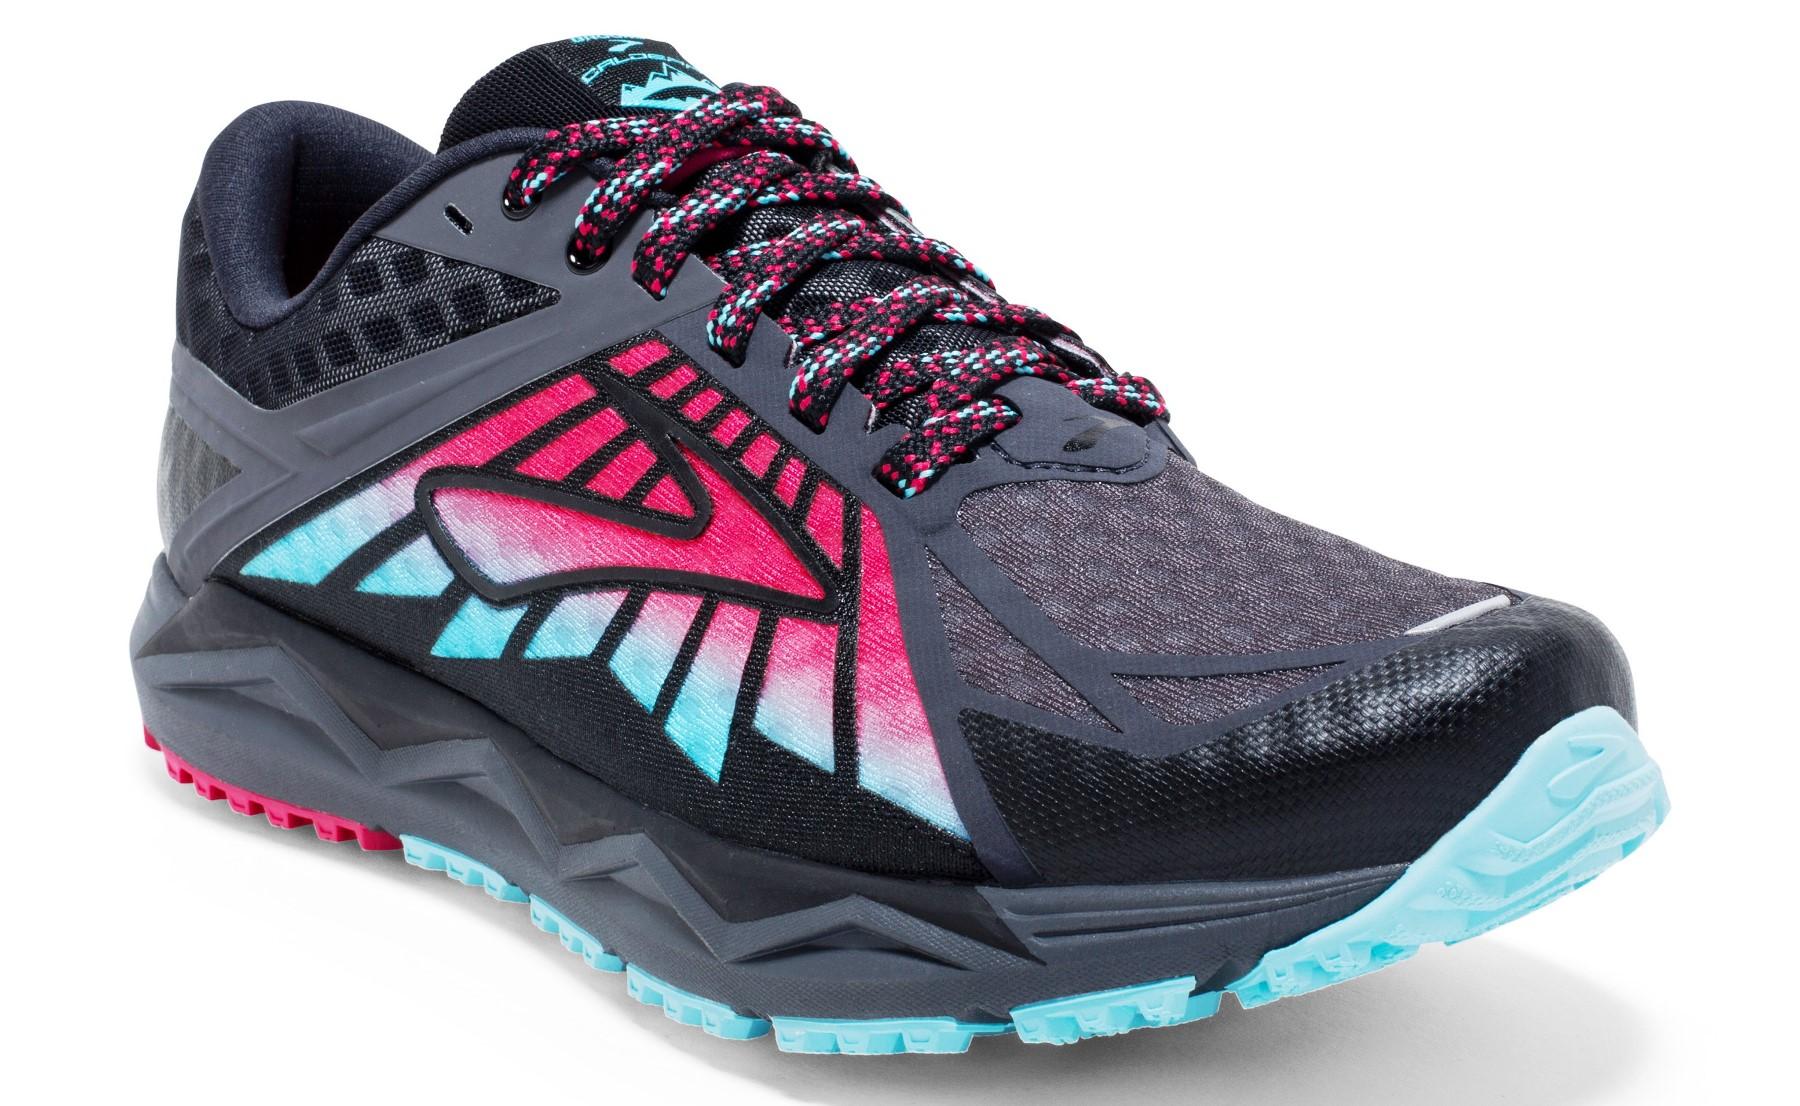 ברוקס (BROOKS). דגם קלדרה. נעל ריצה חדשנית משולבת לריצת שטח וריצה על כביש